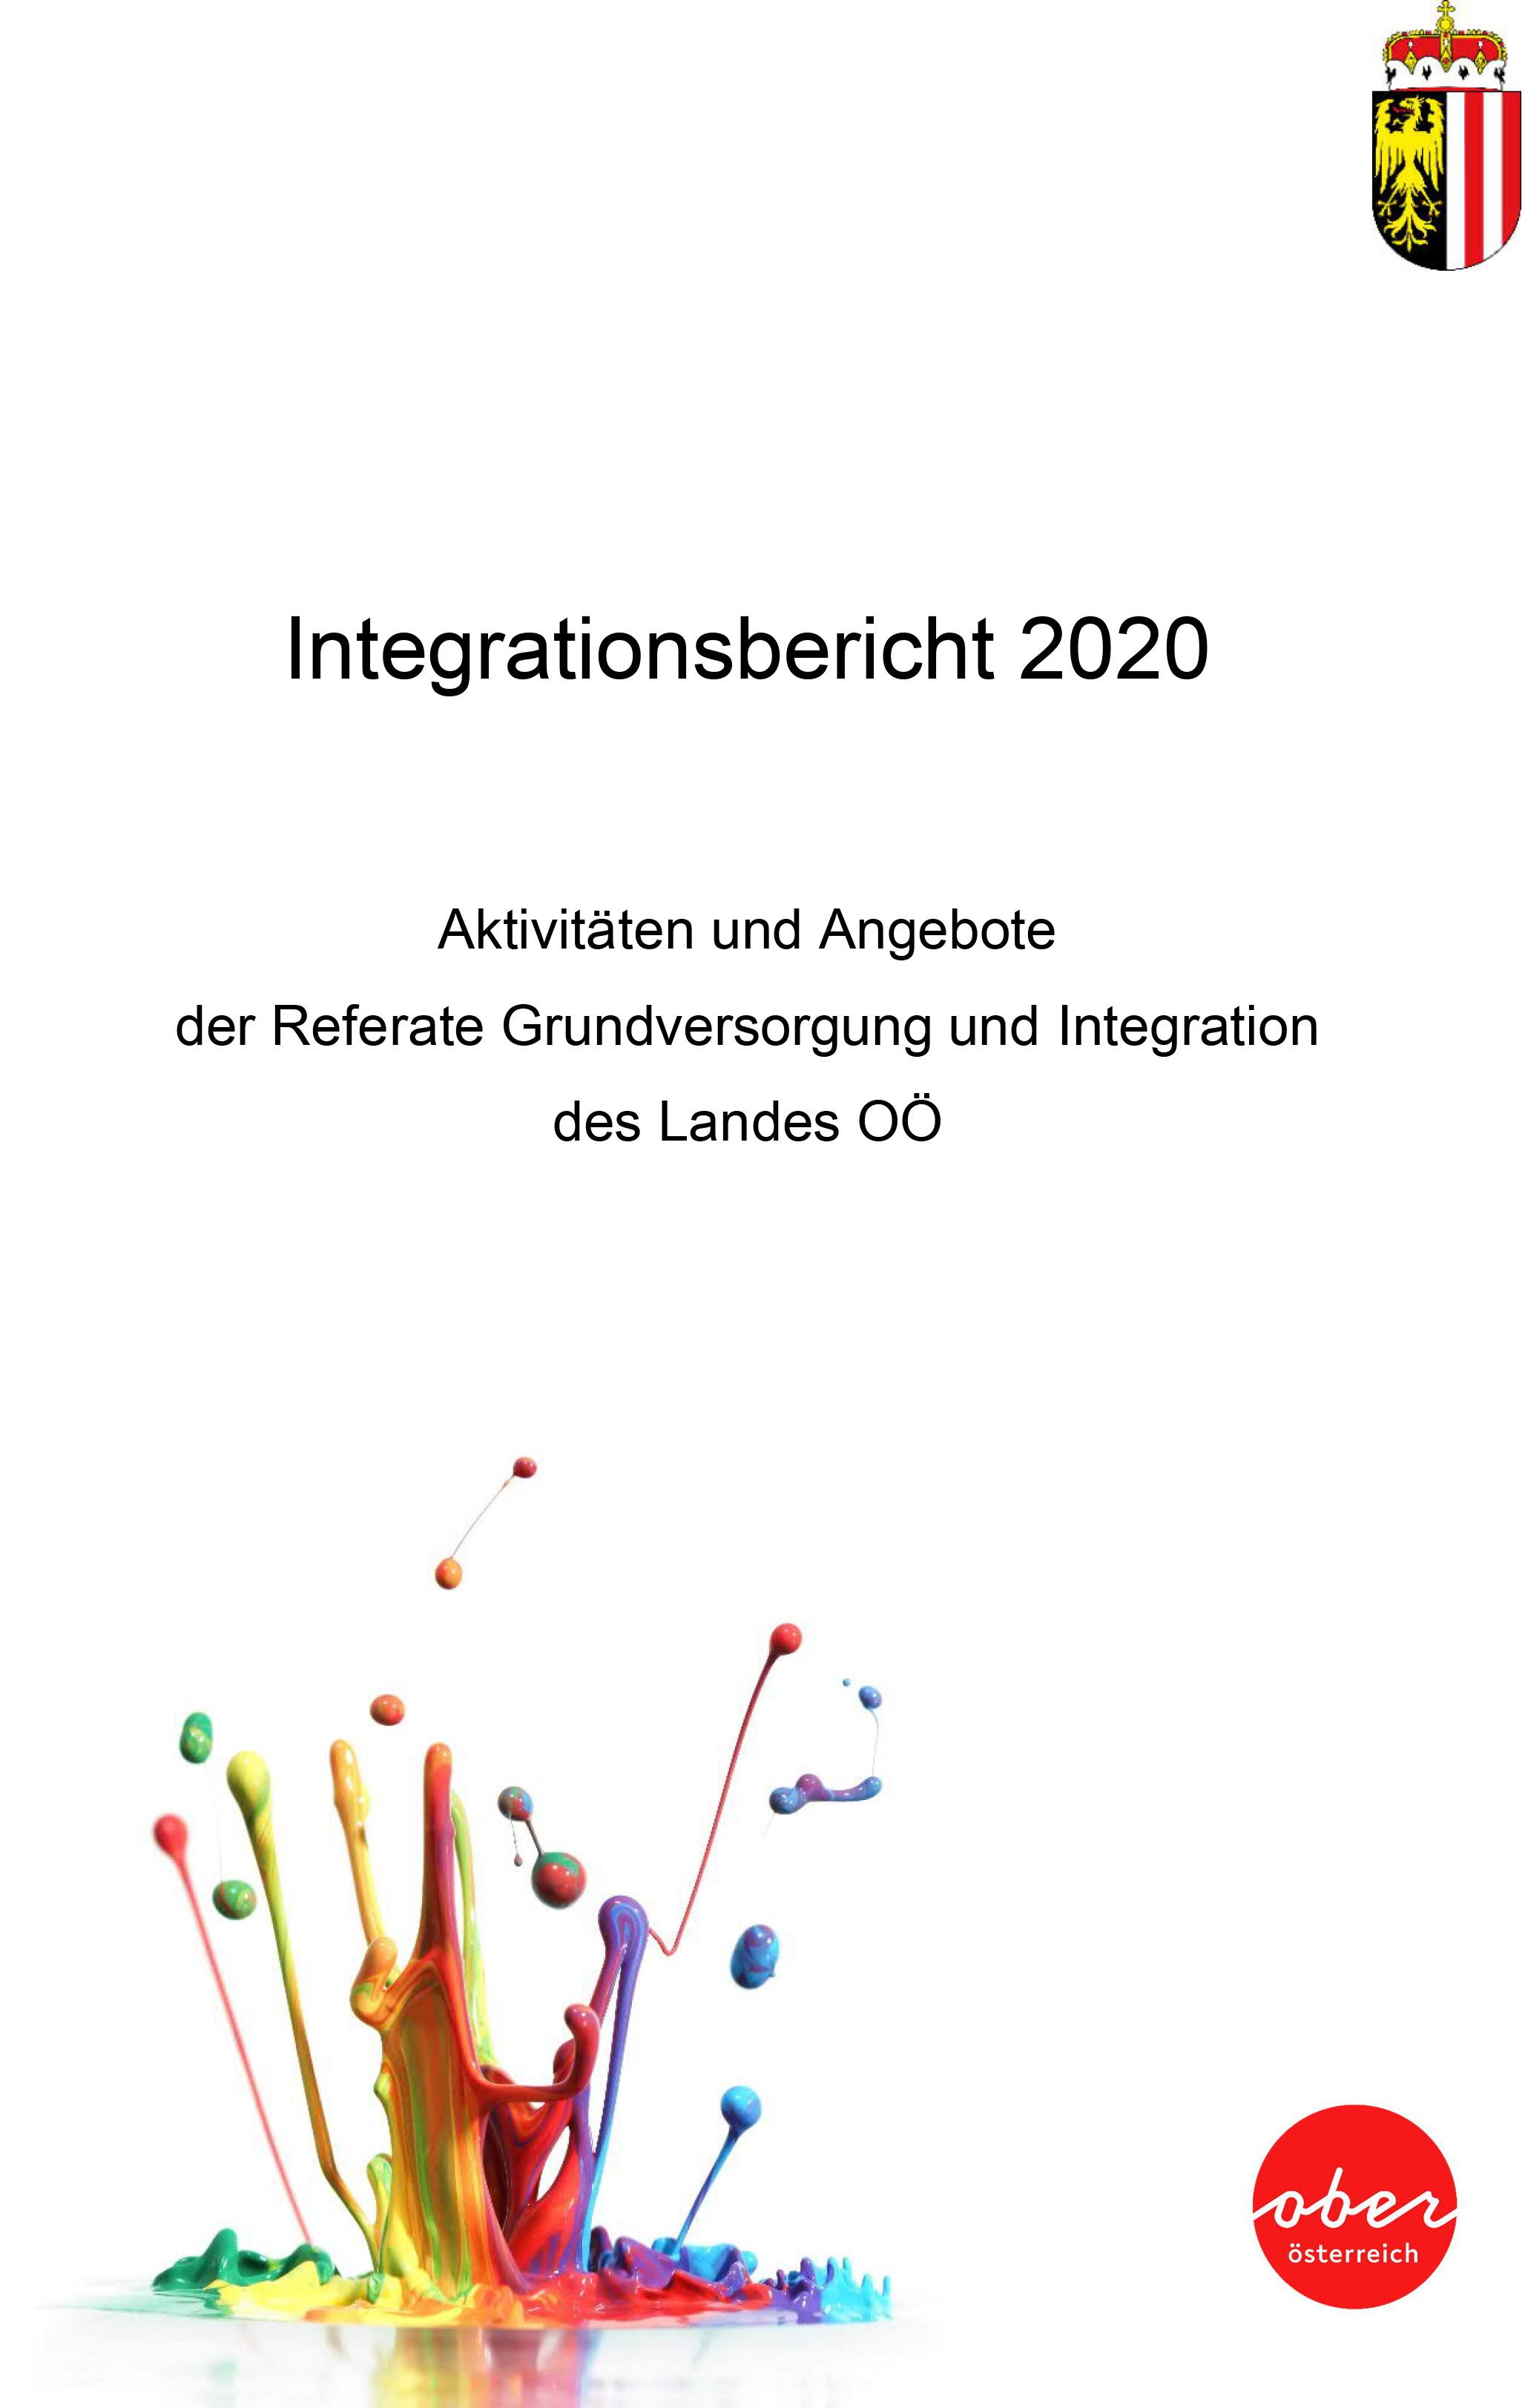 Integrationsbericht 2020